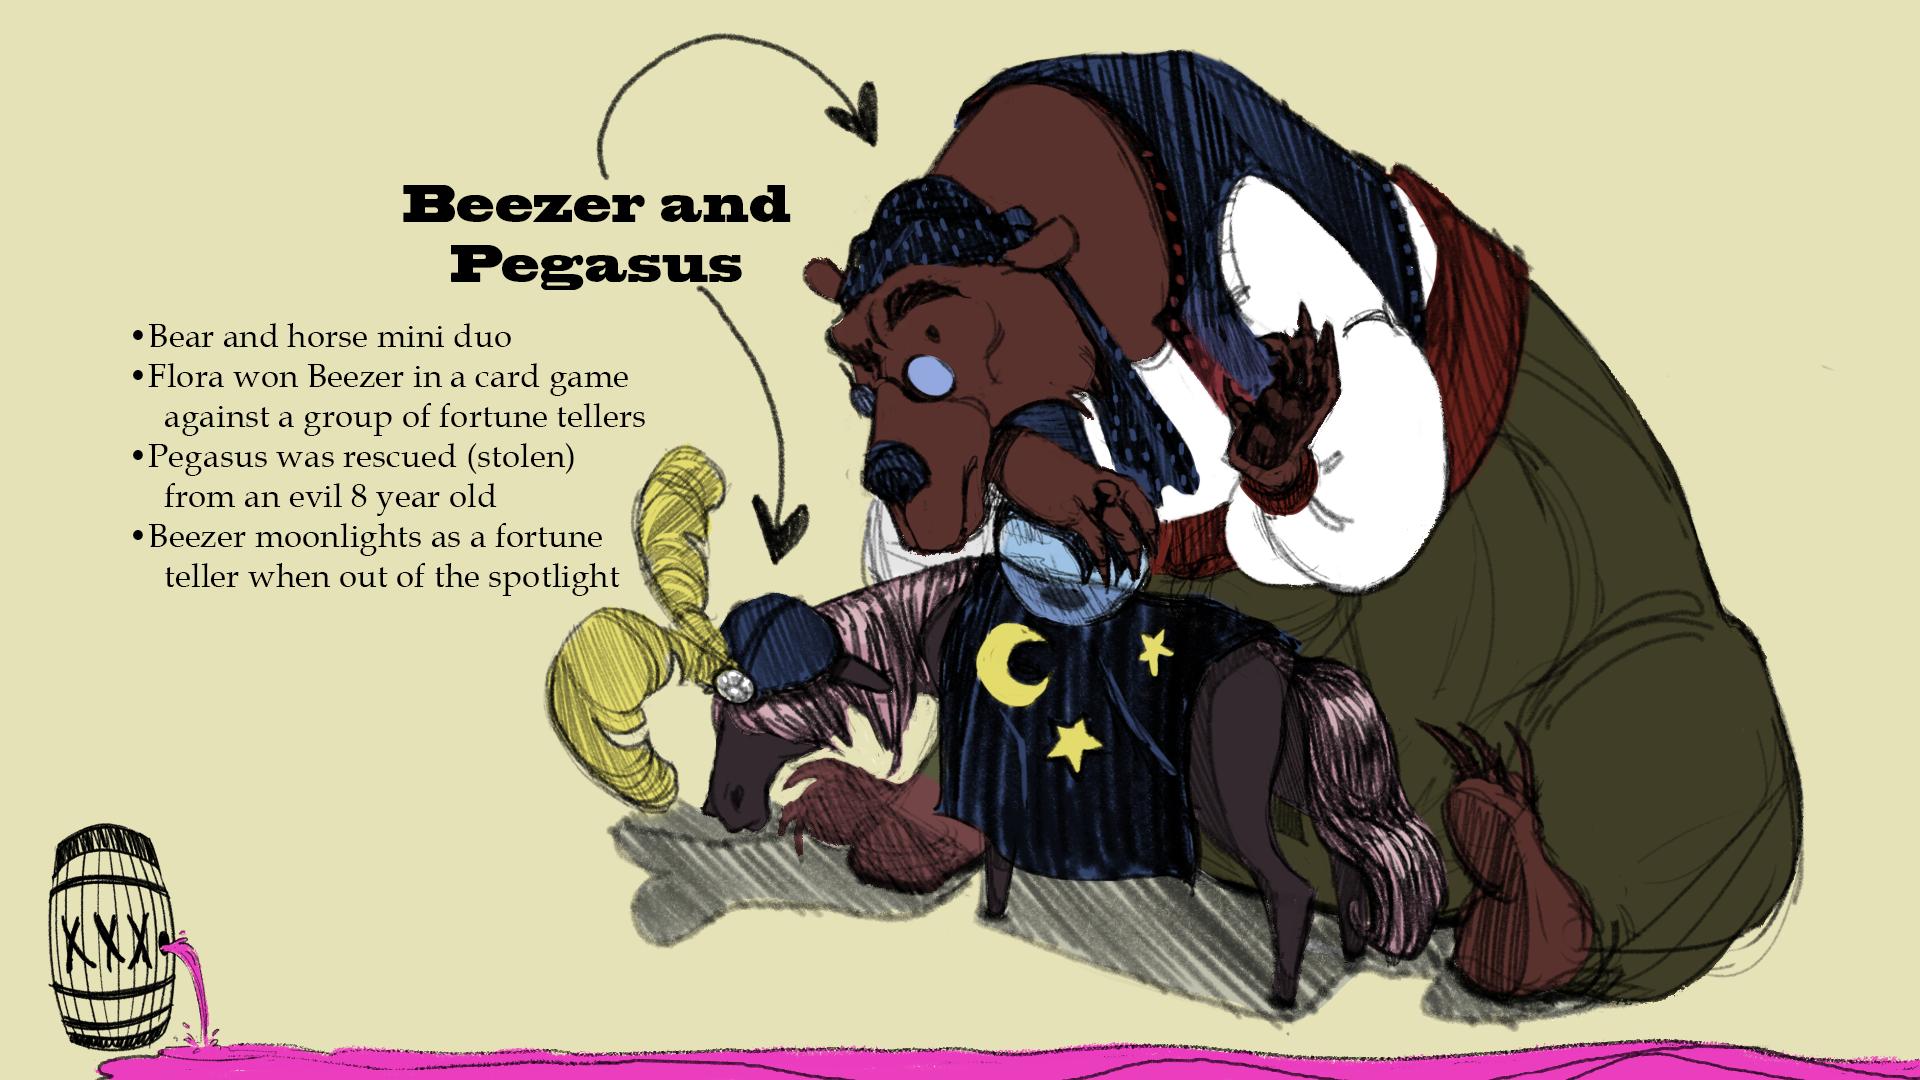 Beezer and Pegasus